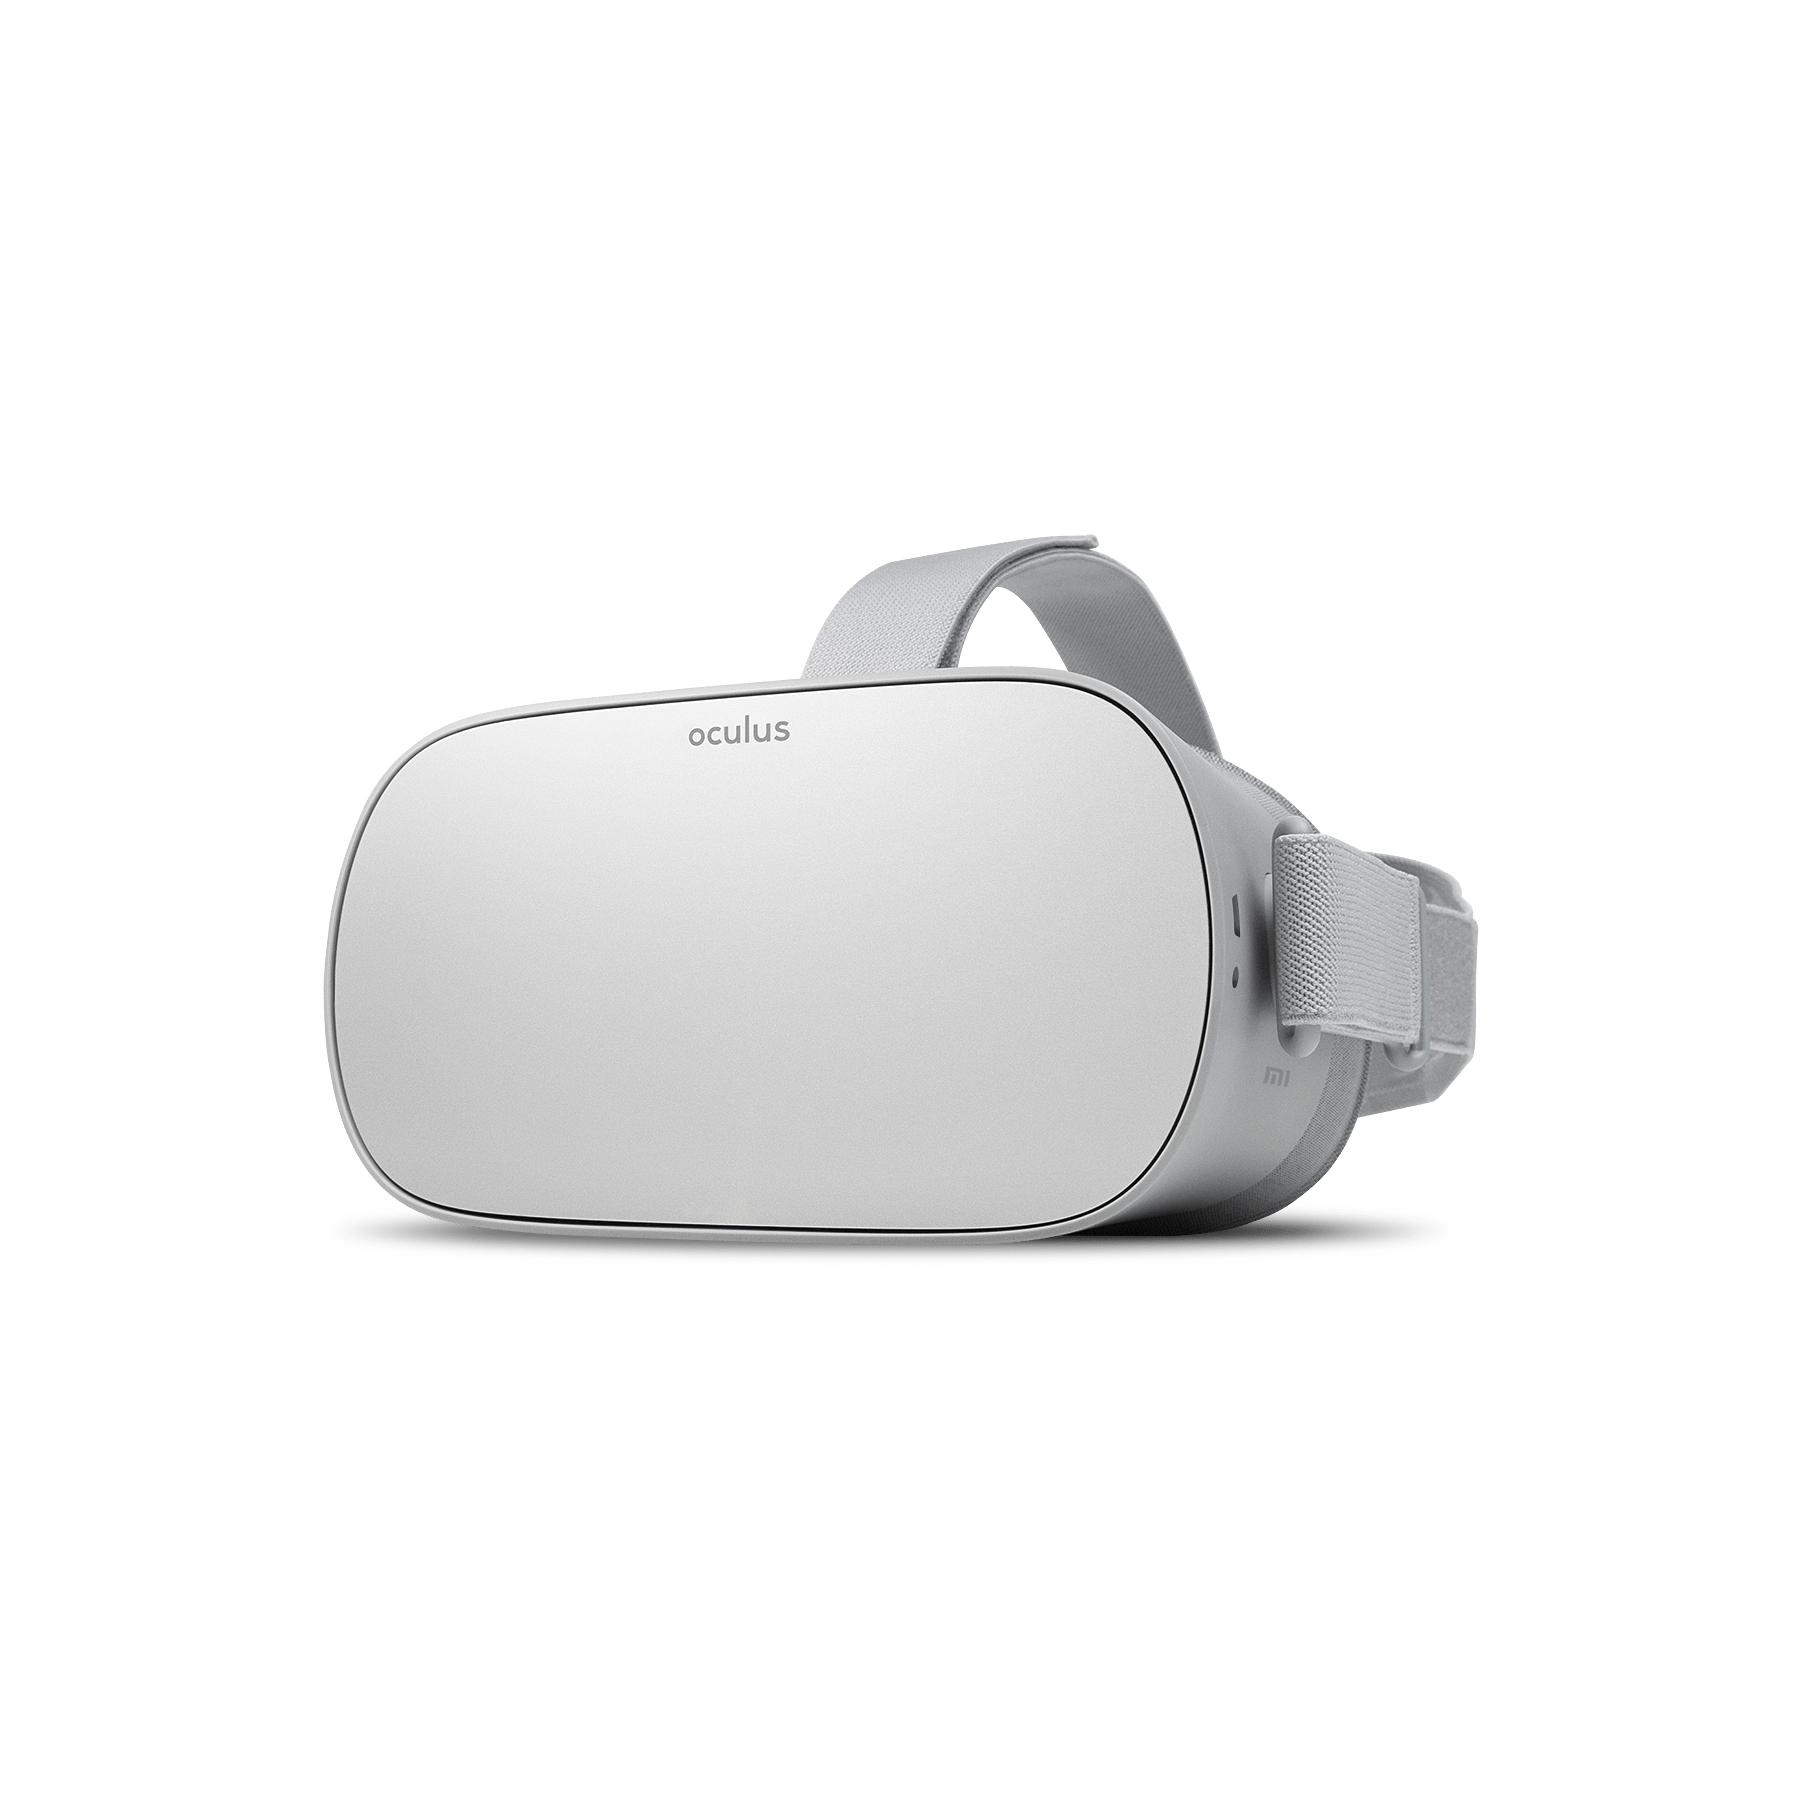 Oculus Go idea box content